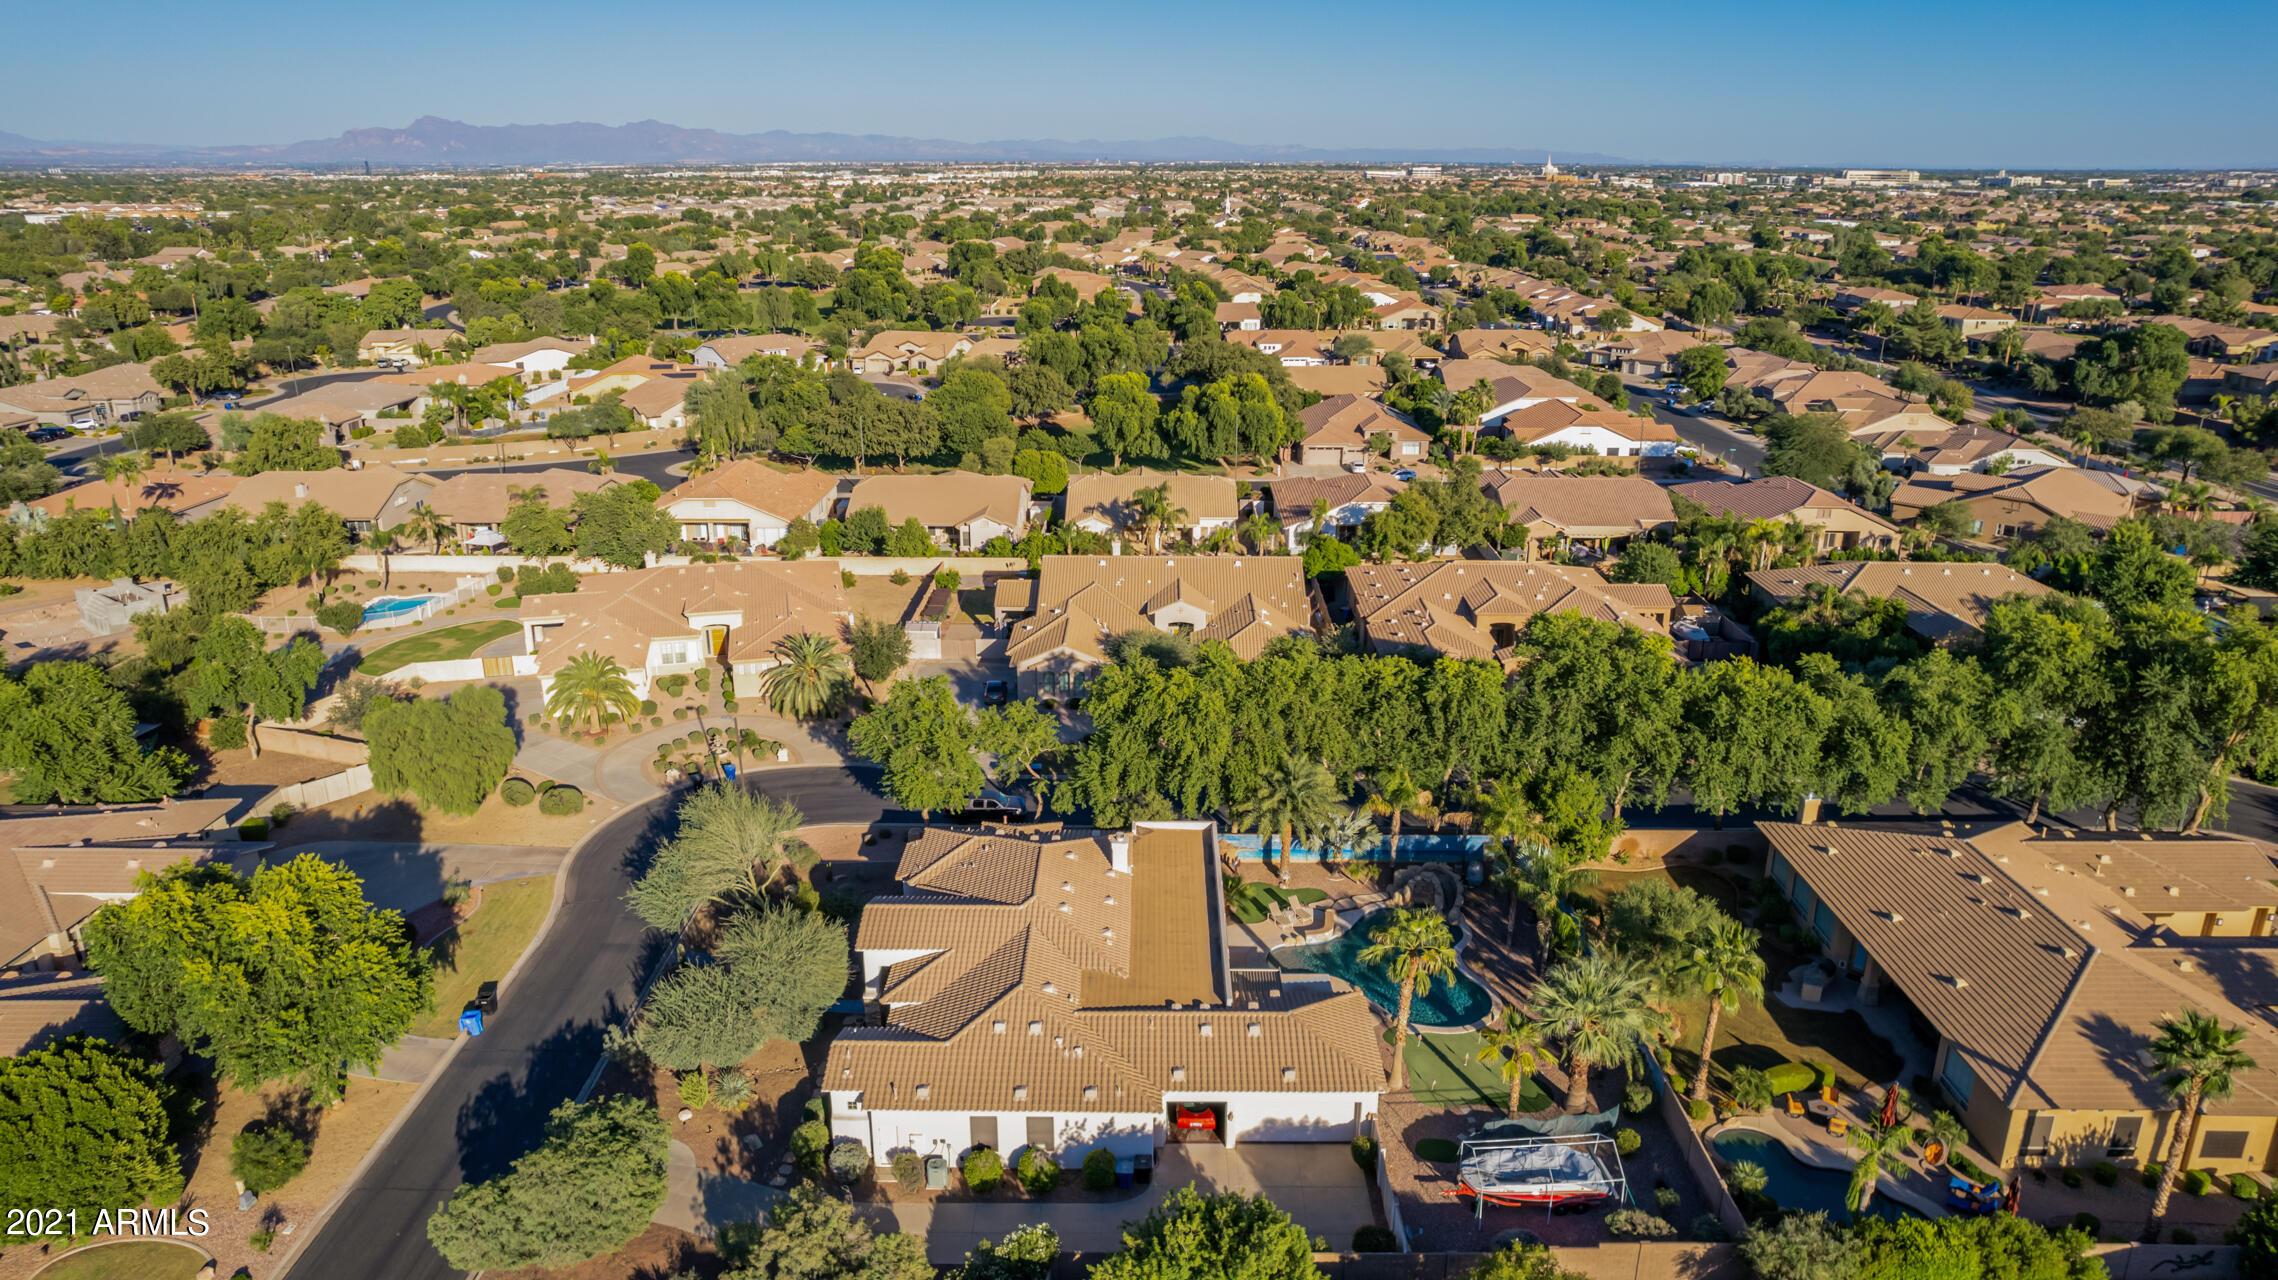 MLS 6308072 367 E HAMPTON Lane, Gilbert, AZ 85295 4 Bedroom Homes